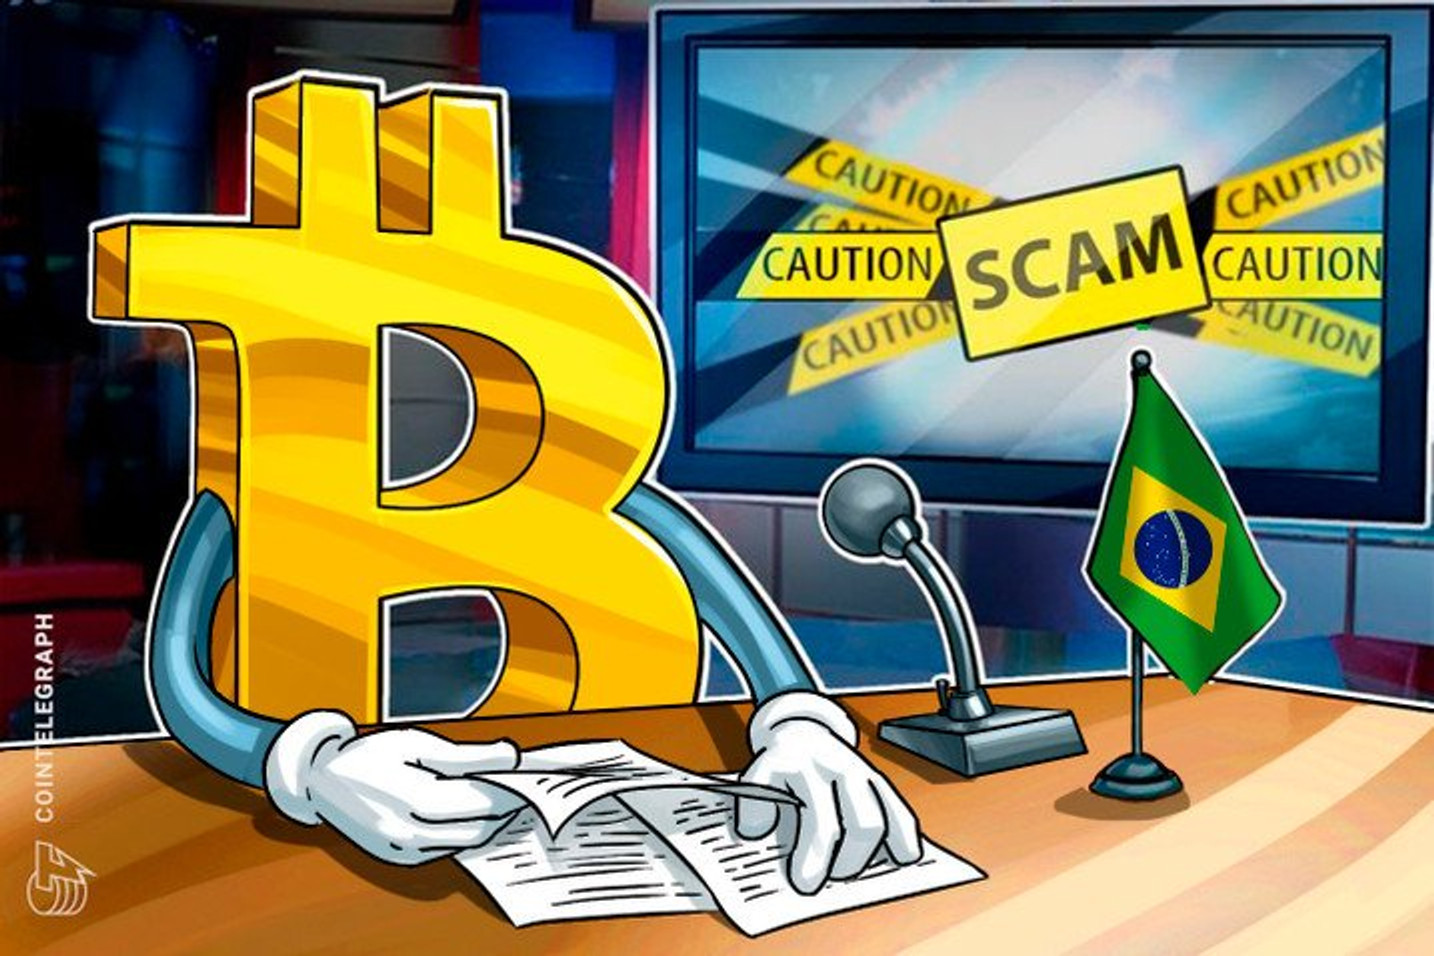 Depois de calote milionário, Kleiton Alves anuncia A2 Trader 2.0 mas não fala sobre pagamentos atrasados